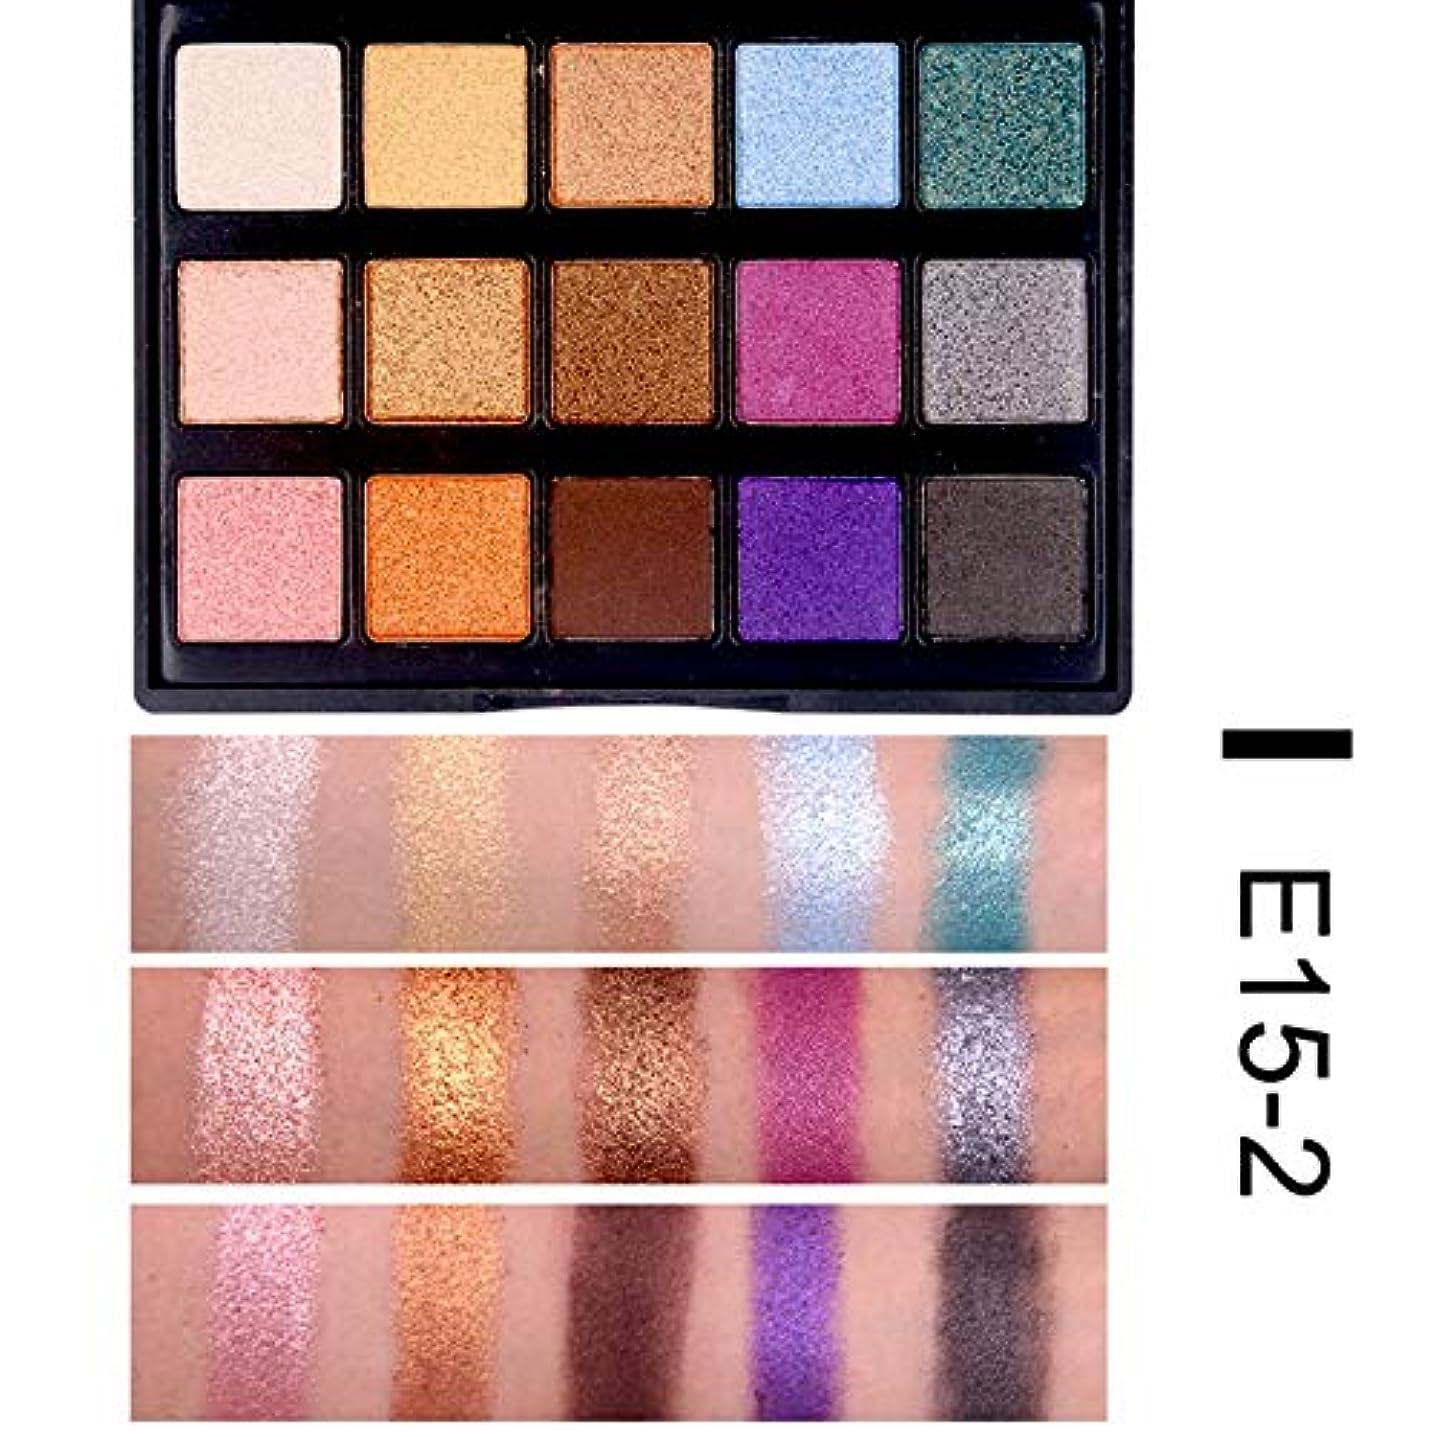 洞察力公式取るRabugogo 15色ミニアイシャドウパウダーマットアイシャドウ化粧品メイクアップ EP15#2